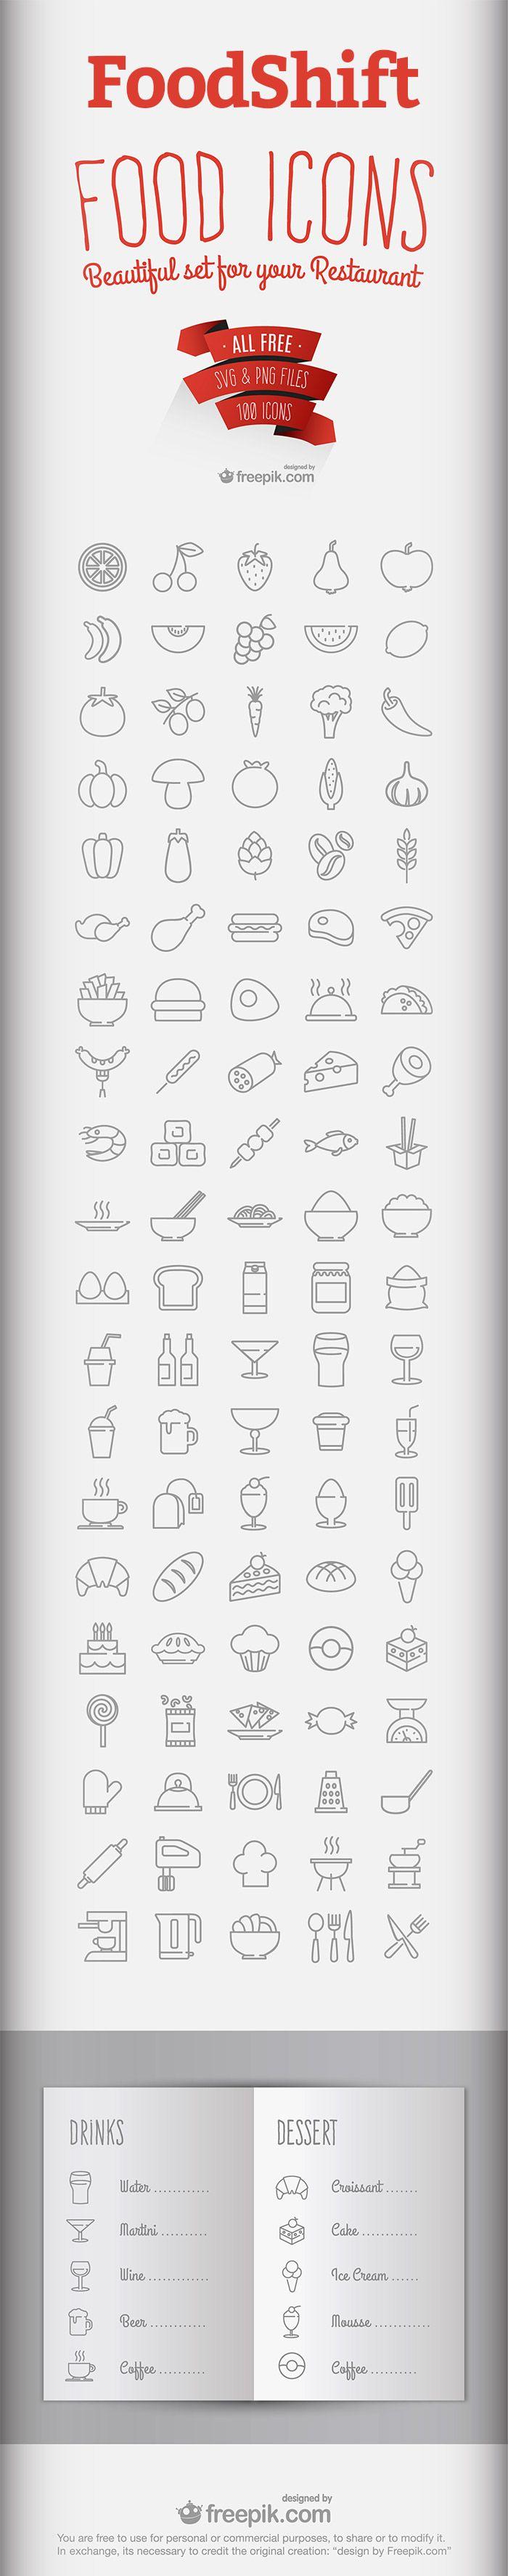 FoodShift - Free Food & Drink Icon Set (2.3 MB) | instantshift.com